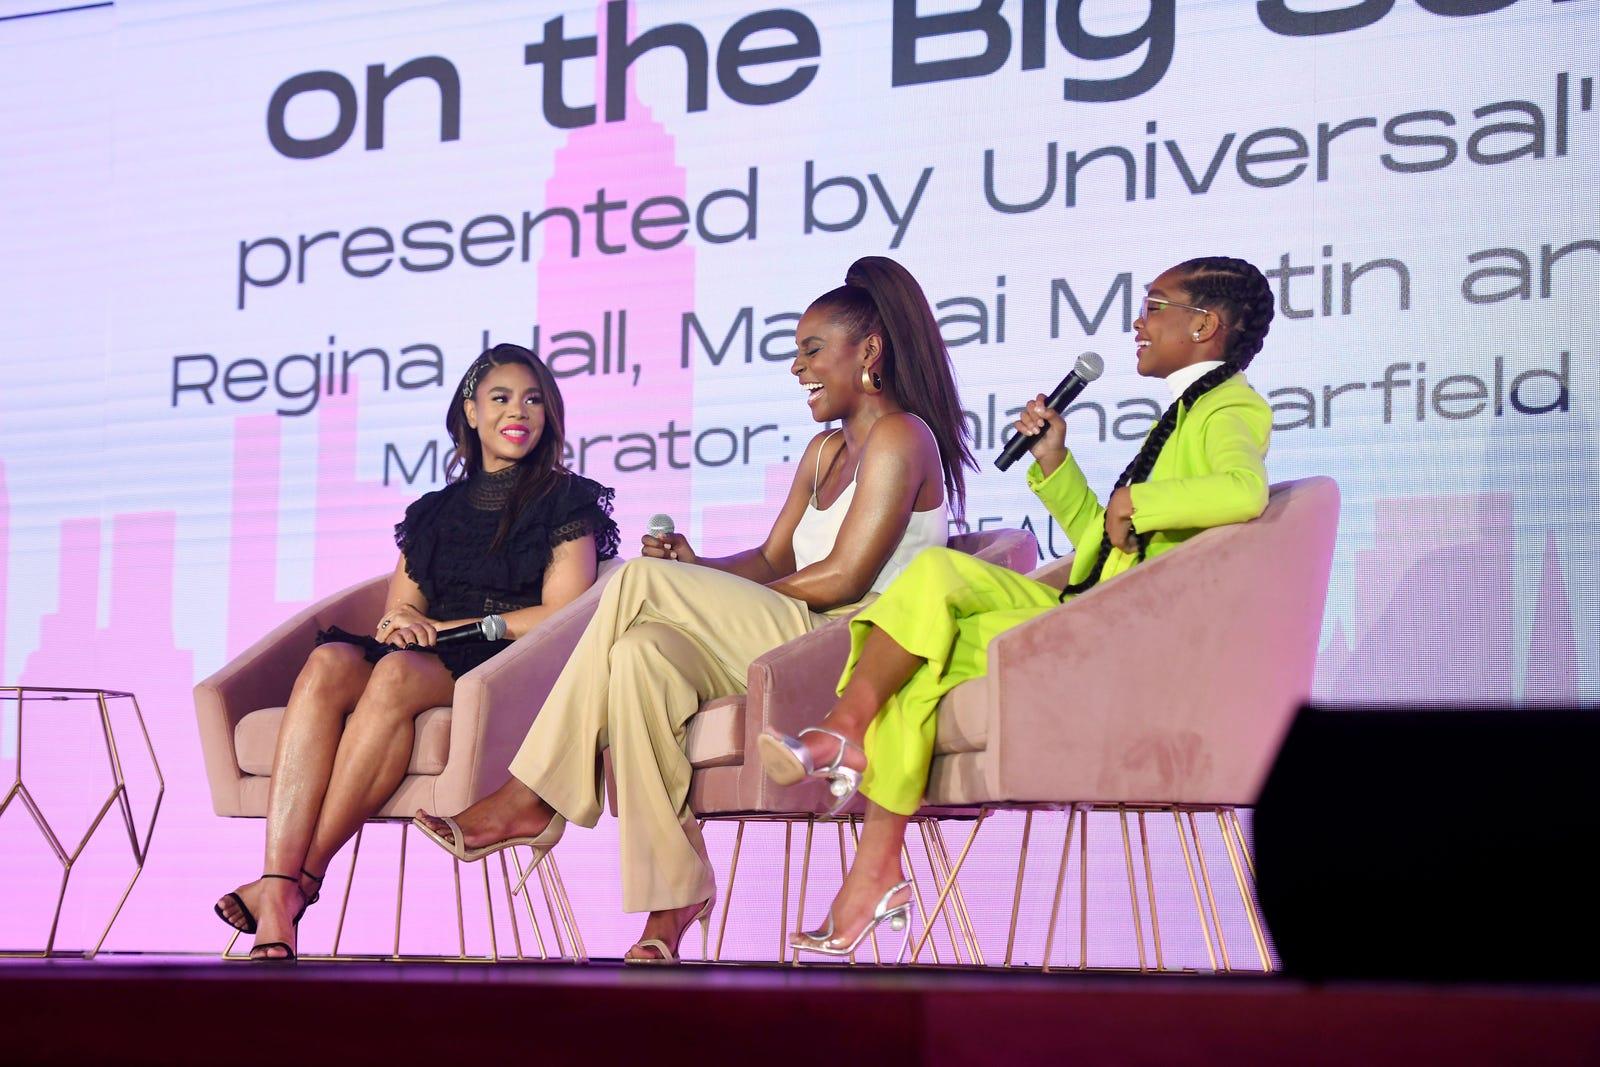 Regina Hall, Issa Rae and Marsai Martin on their panel at Beautycon 2019.